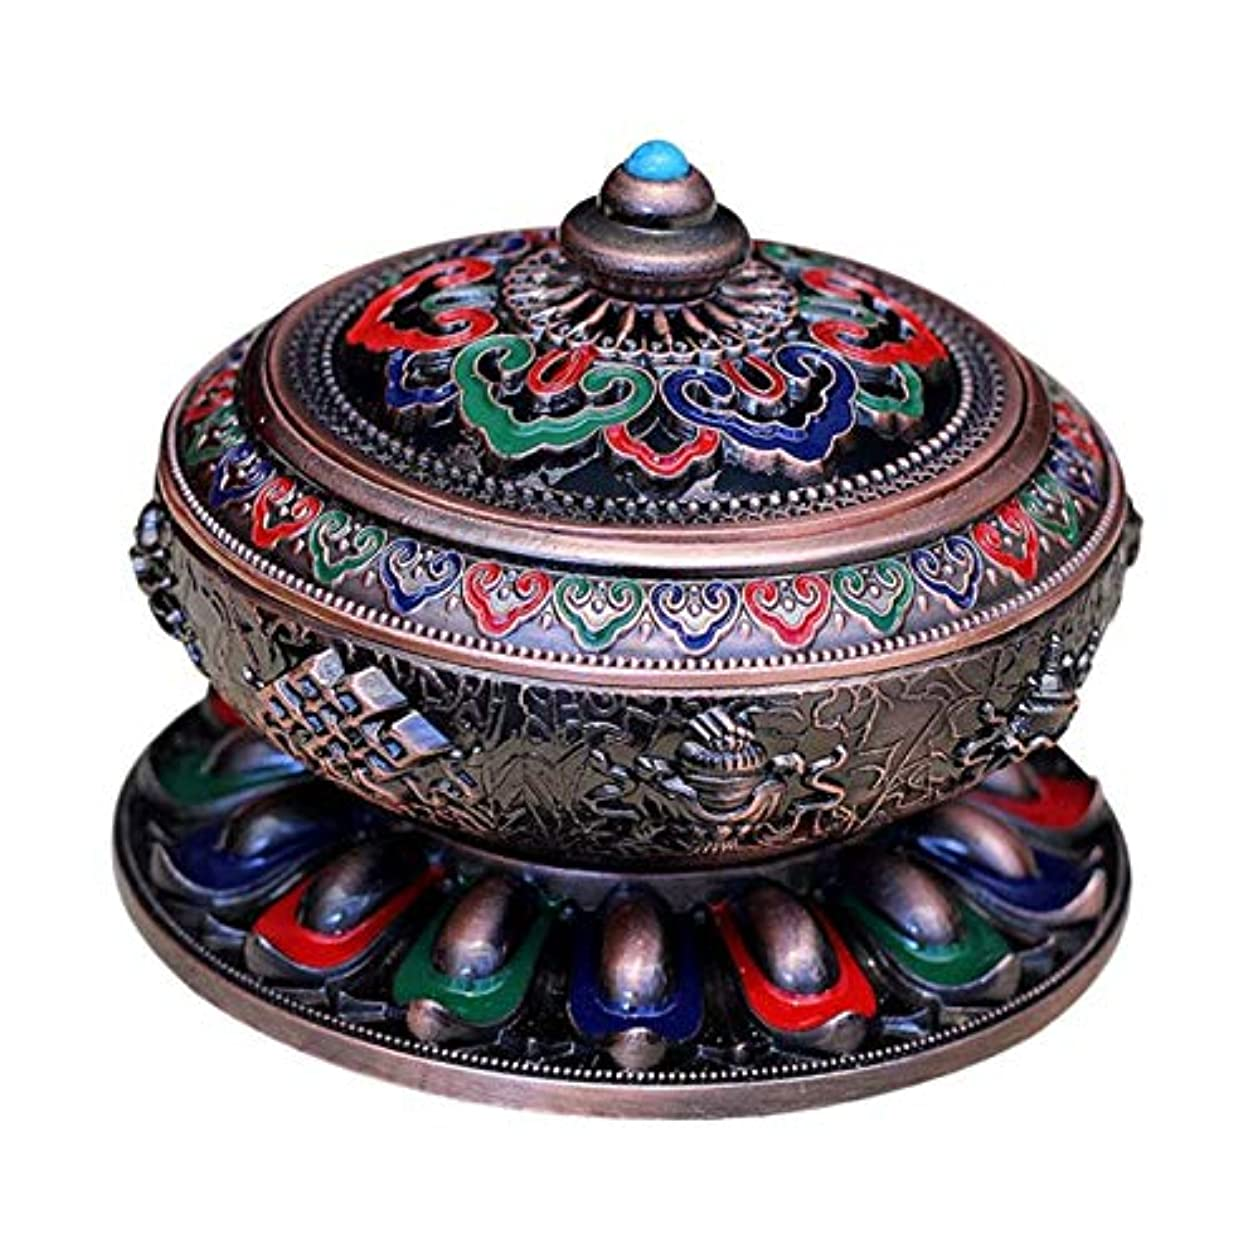 先生保持収益香炉 アンティーク 仏教 コーン 香りバーナー 丸香炉 癒しグッズ 琺瑯工芸 全3色 - 赤